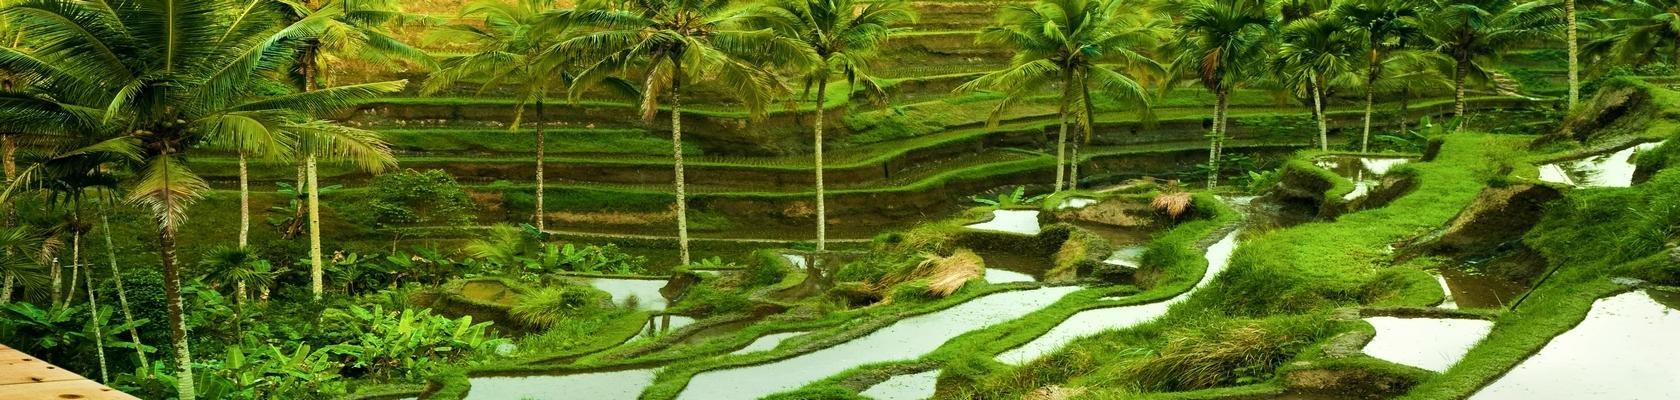 Prachtige treinreis door de rijstvelden